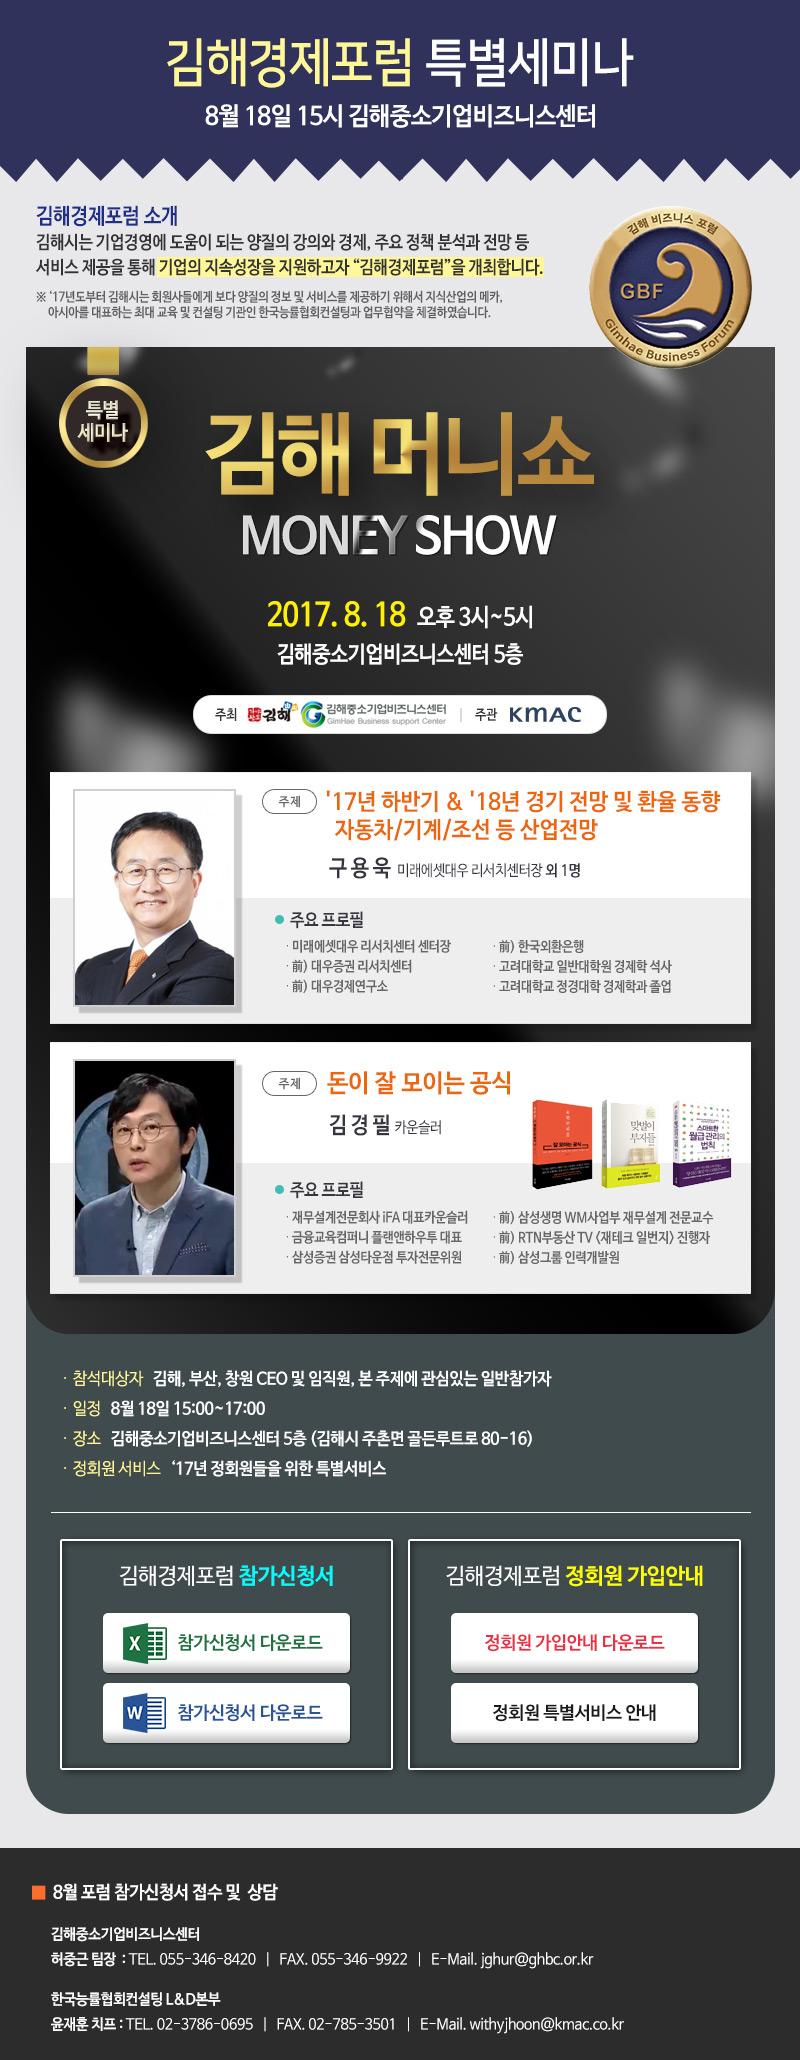 김해경제포럼 특별세미나 김해머니쇼 안내